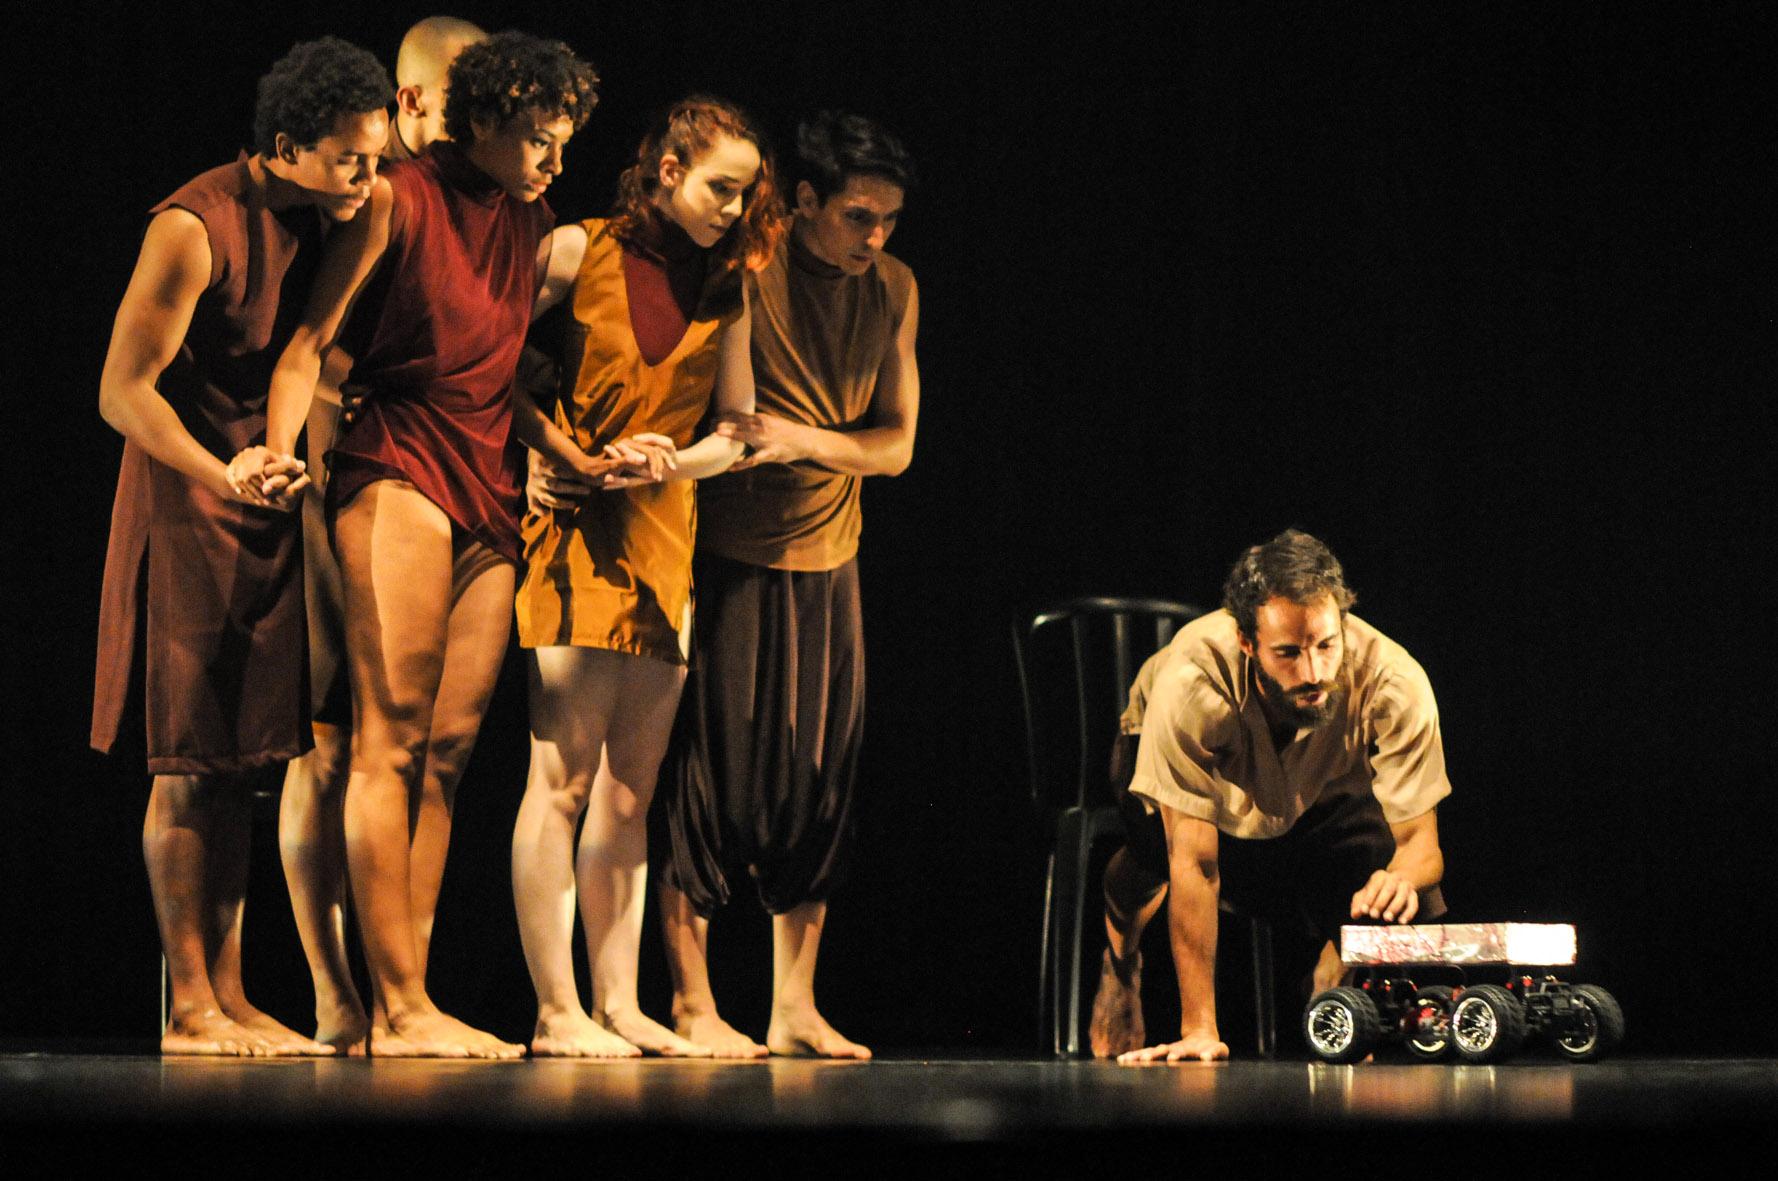 A Giro8 Cia de Dança estreou no cenário da dança goiana em 2011. Foto: Layza Vasconcelos/ Divulgação